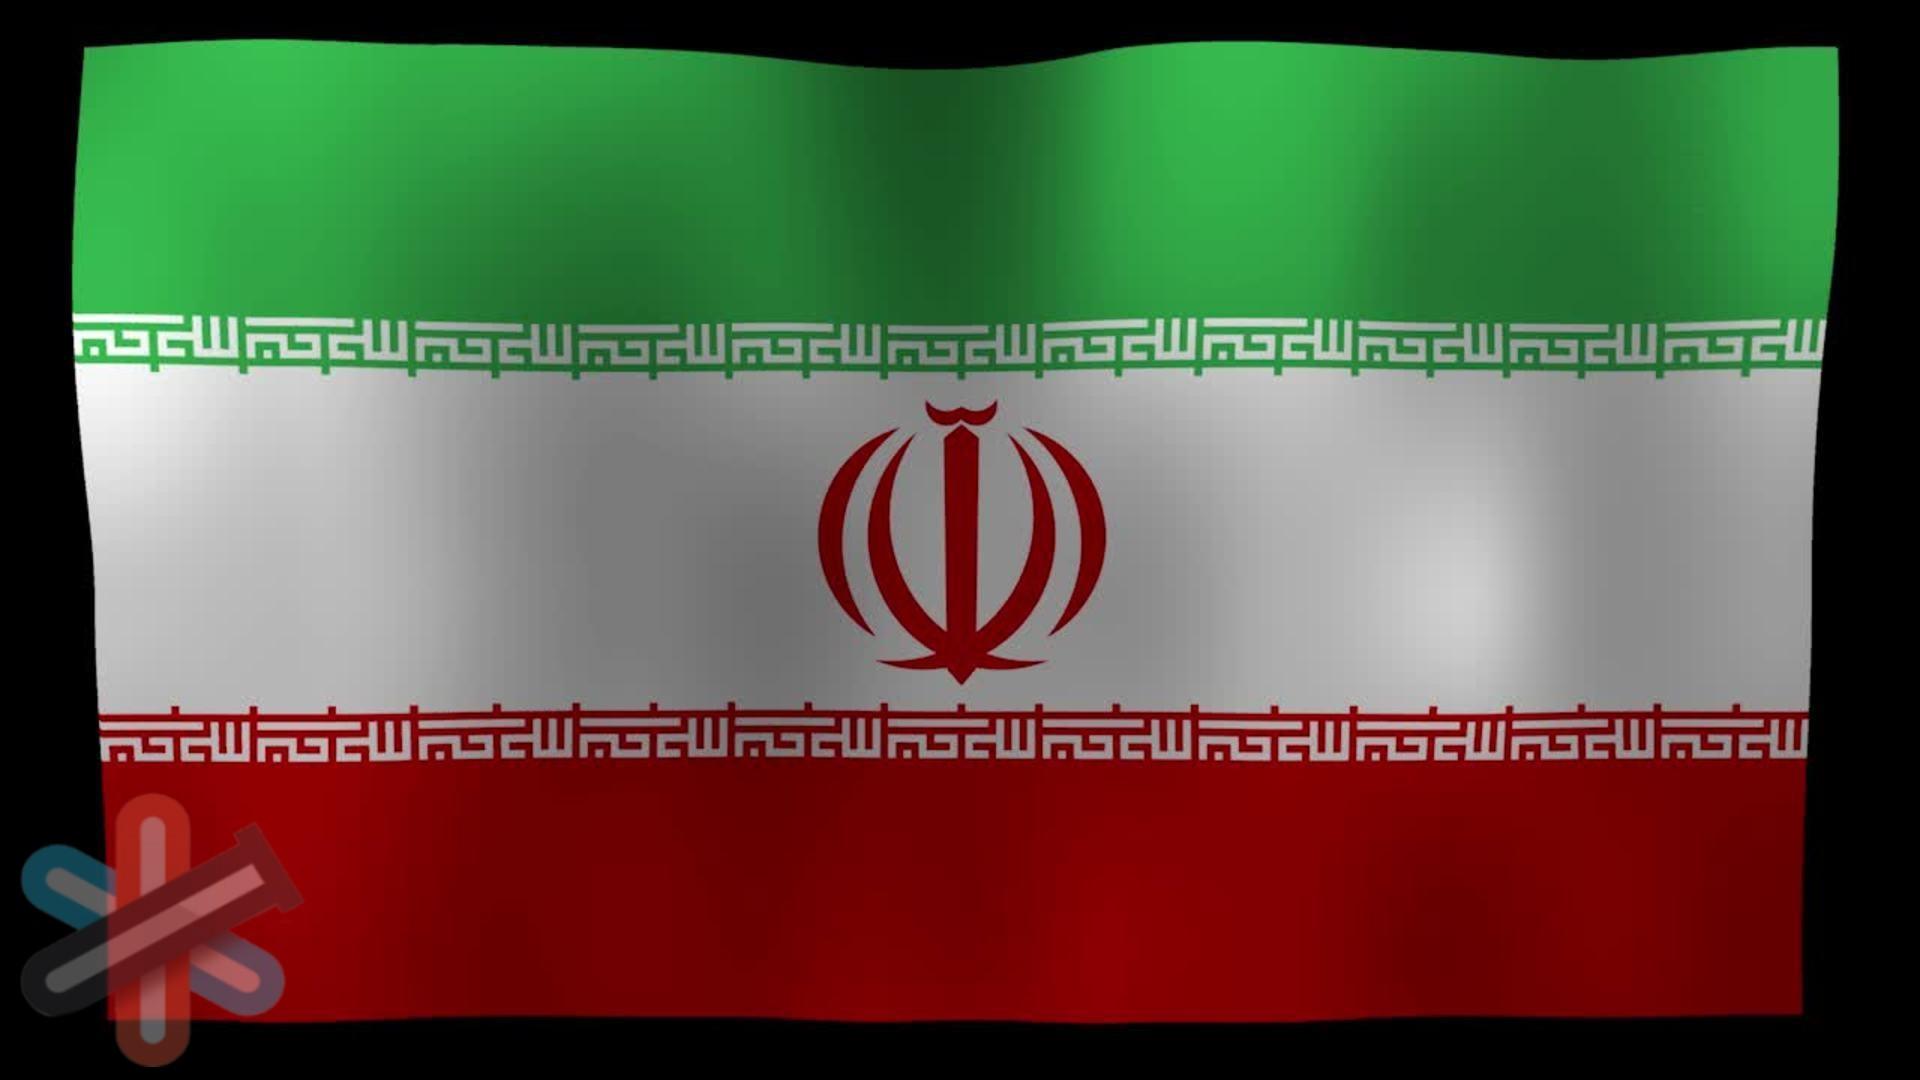 ویدیو حرکت پرچم ایران برای افتر افکت 1